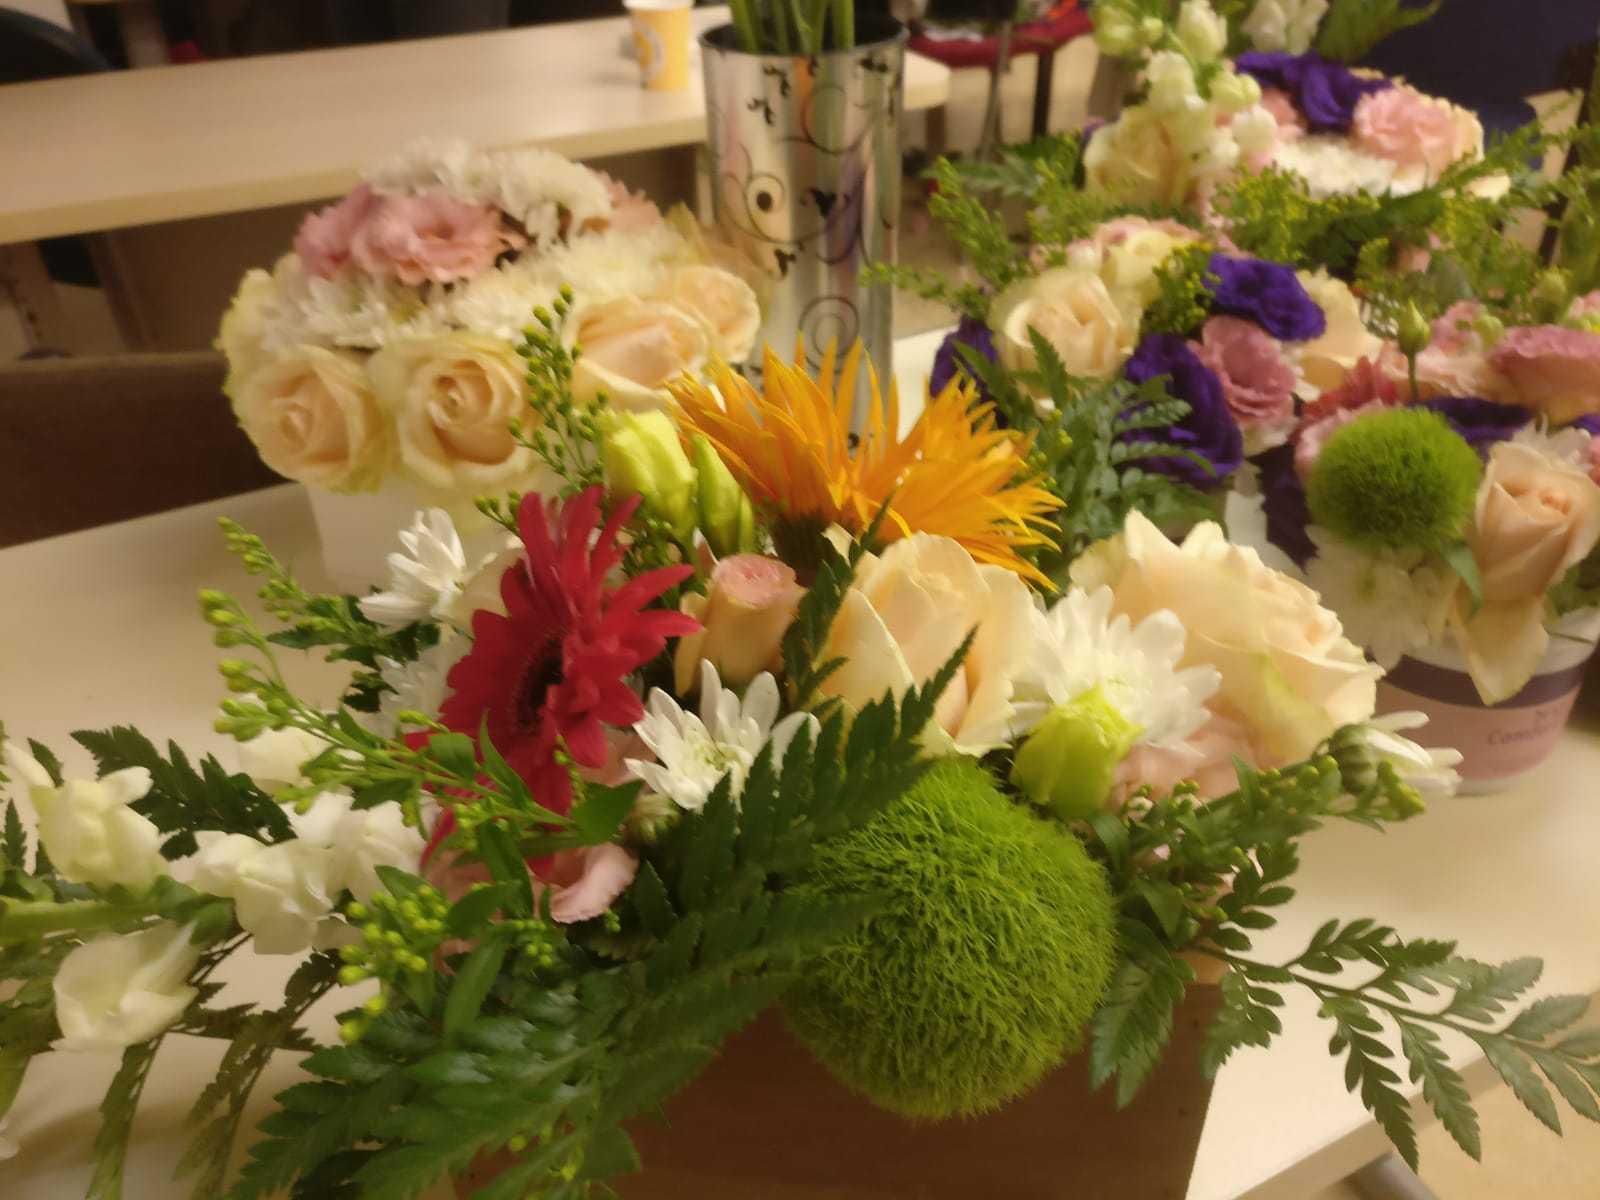 גלרייה - שיעור שזירת פרחים - קורס הפקת אירועים מחזור 23, 29 מתוך 32